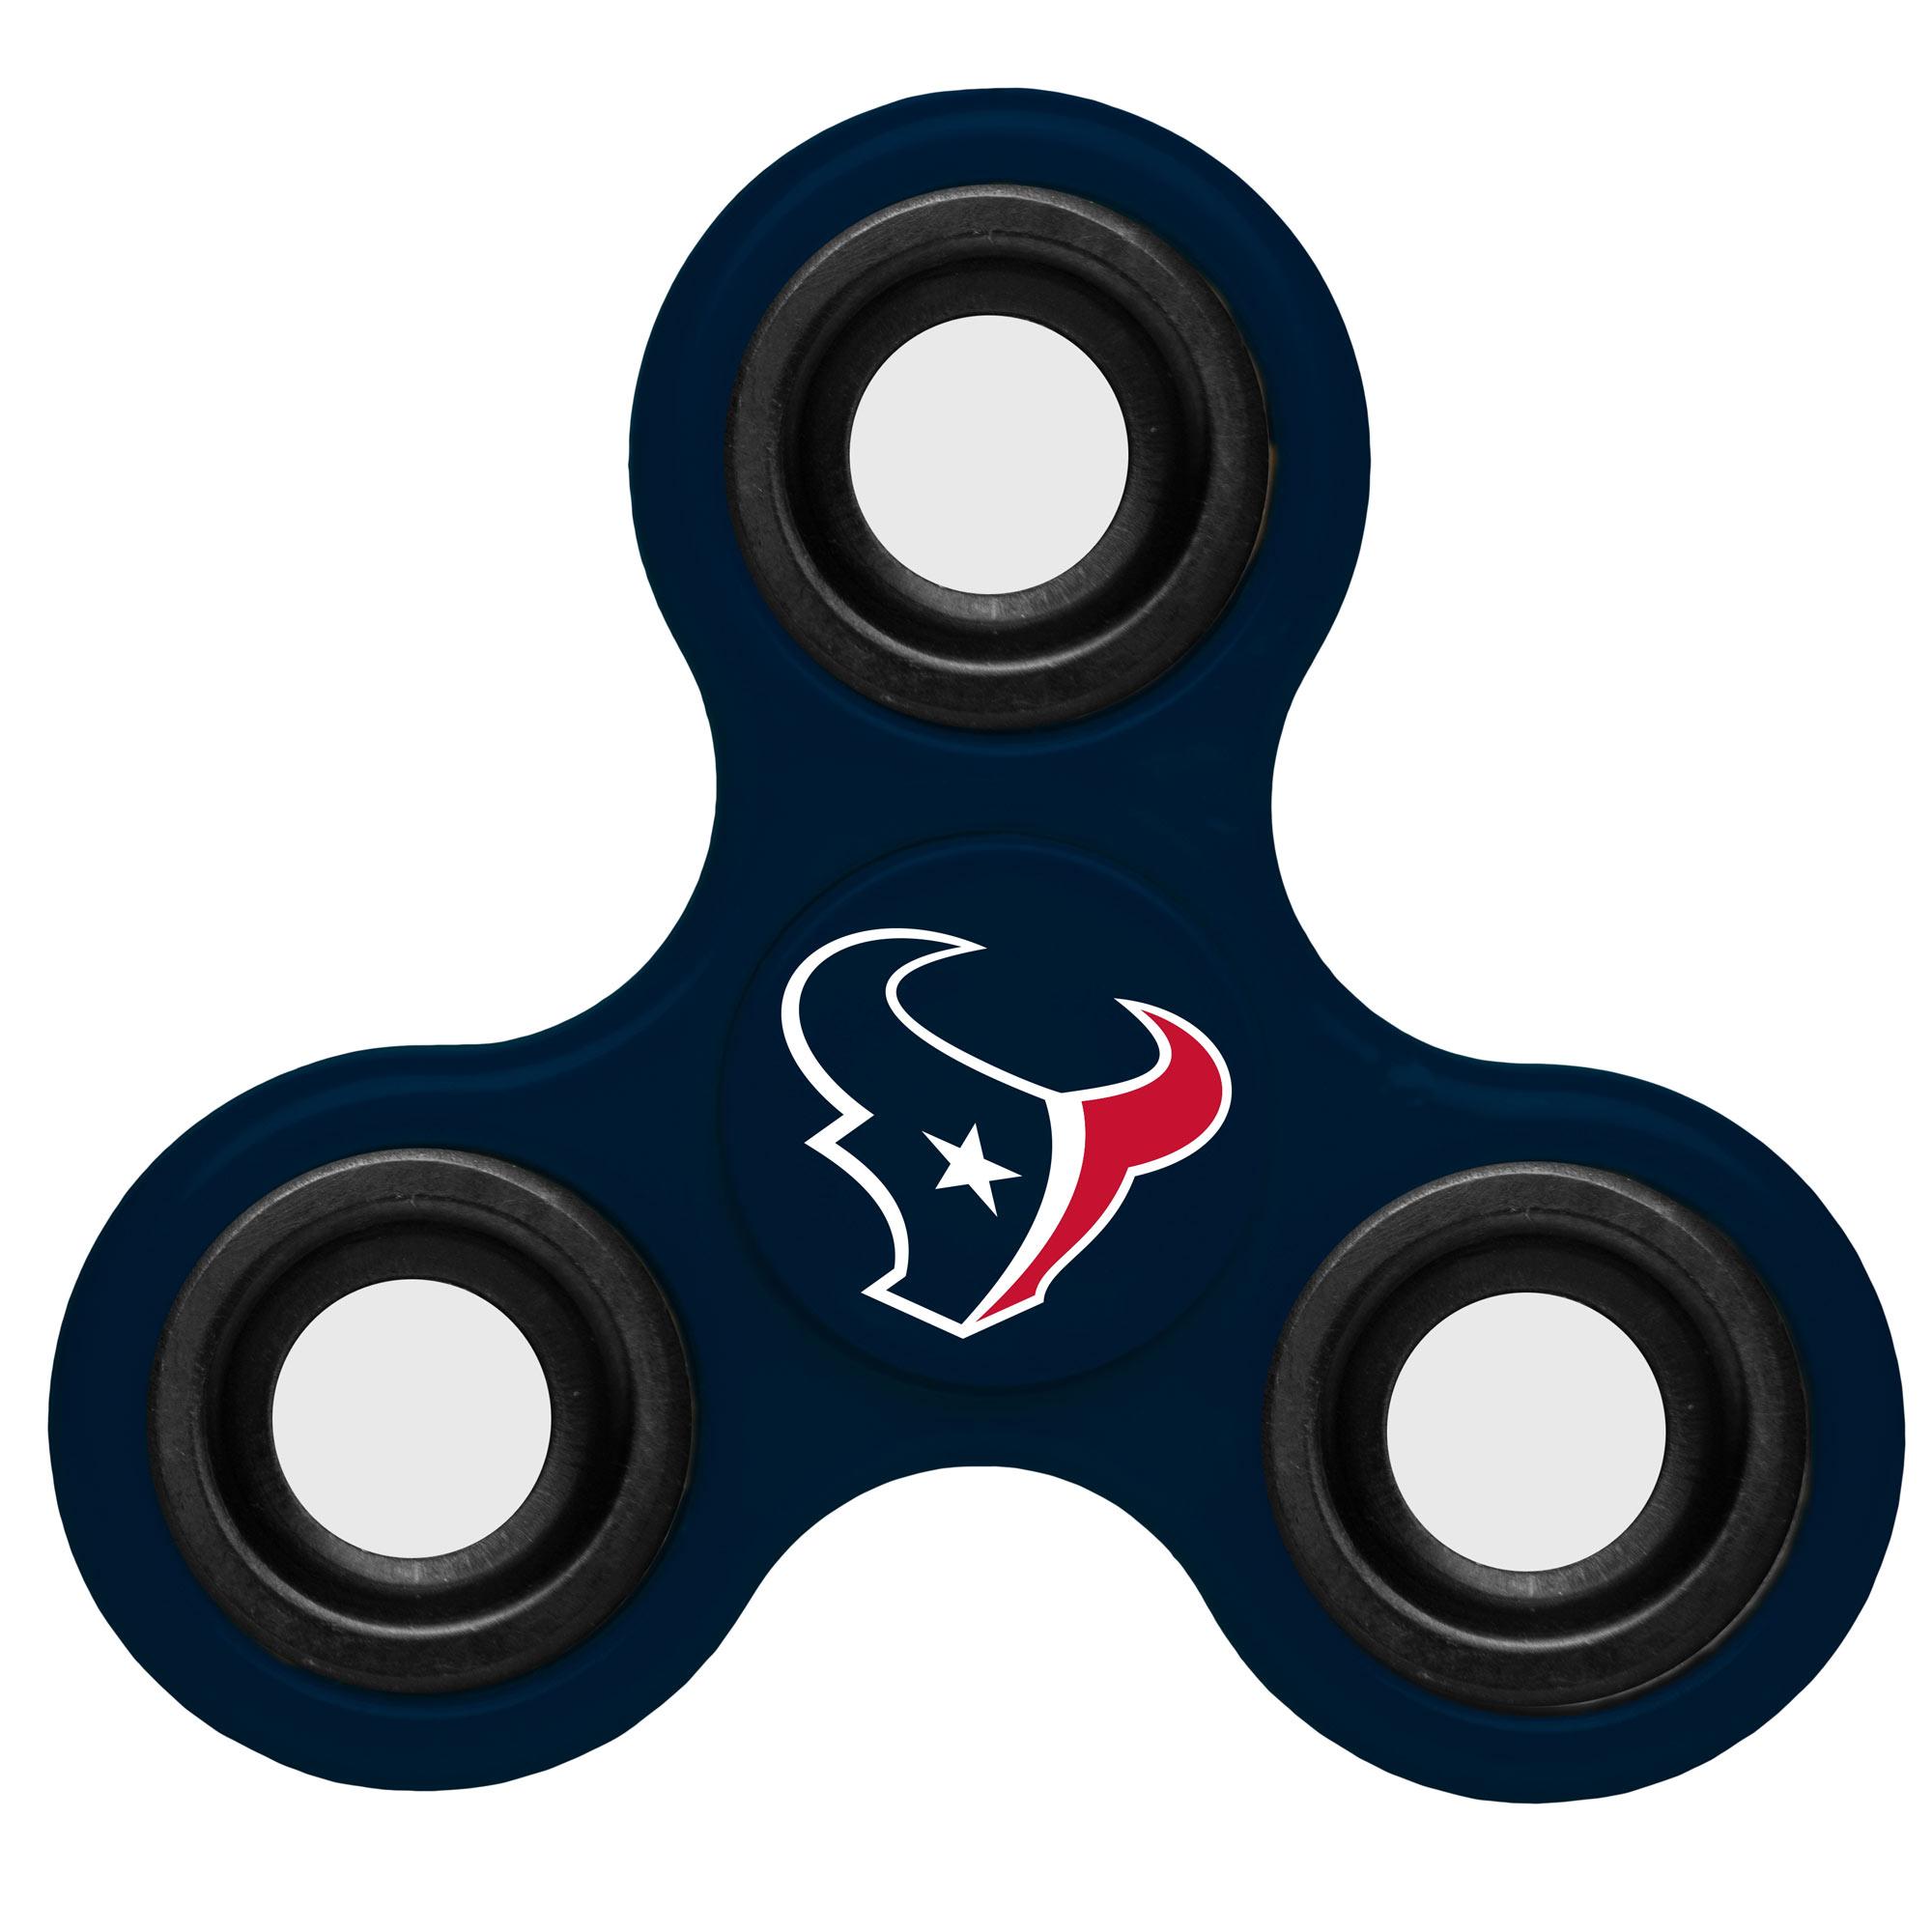 Houston Texans 3-Way Fidget Spinner